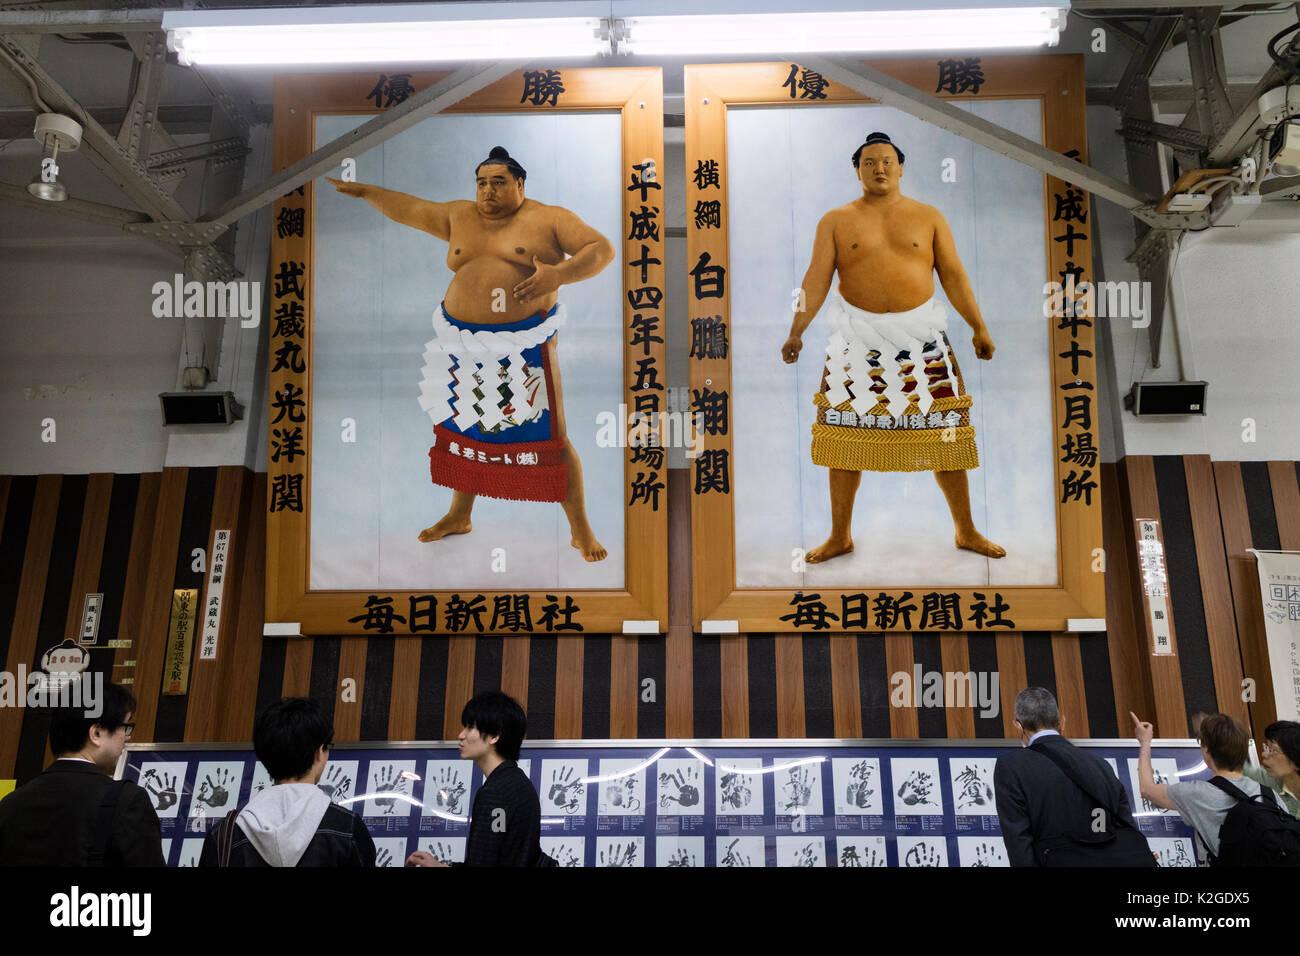 Tokyo, Giappone - 13 Maggio 2017: famosi lottatori di sumo foto e handprints in Sumida stazione ferroviaria Immagini Stock